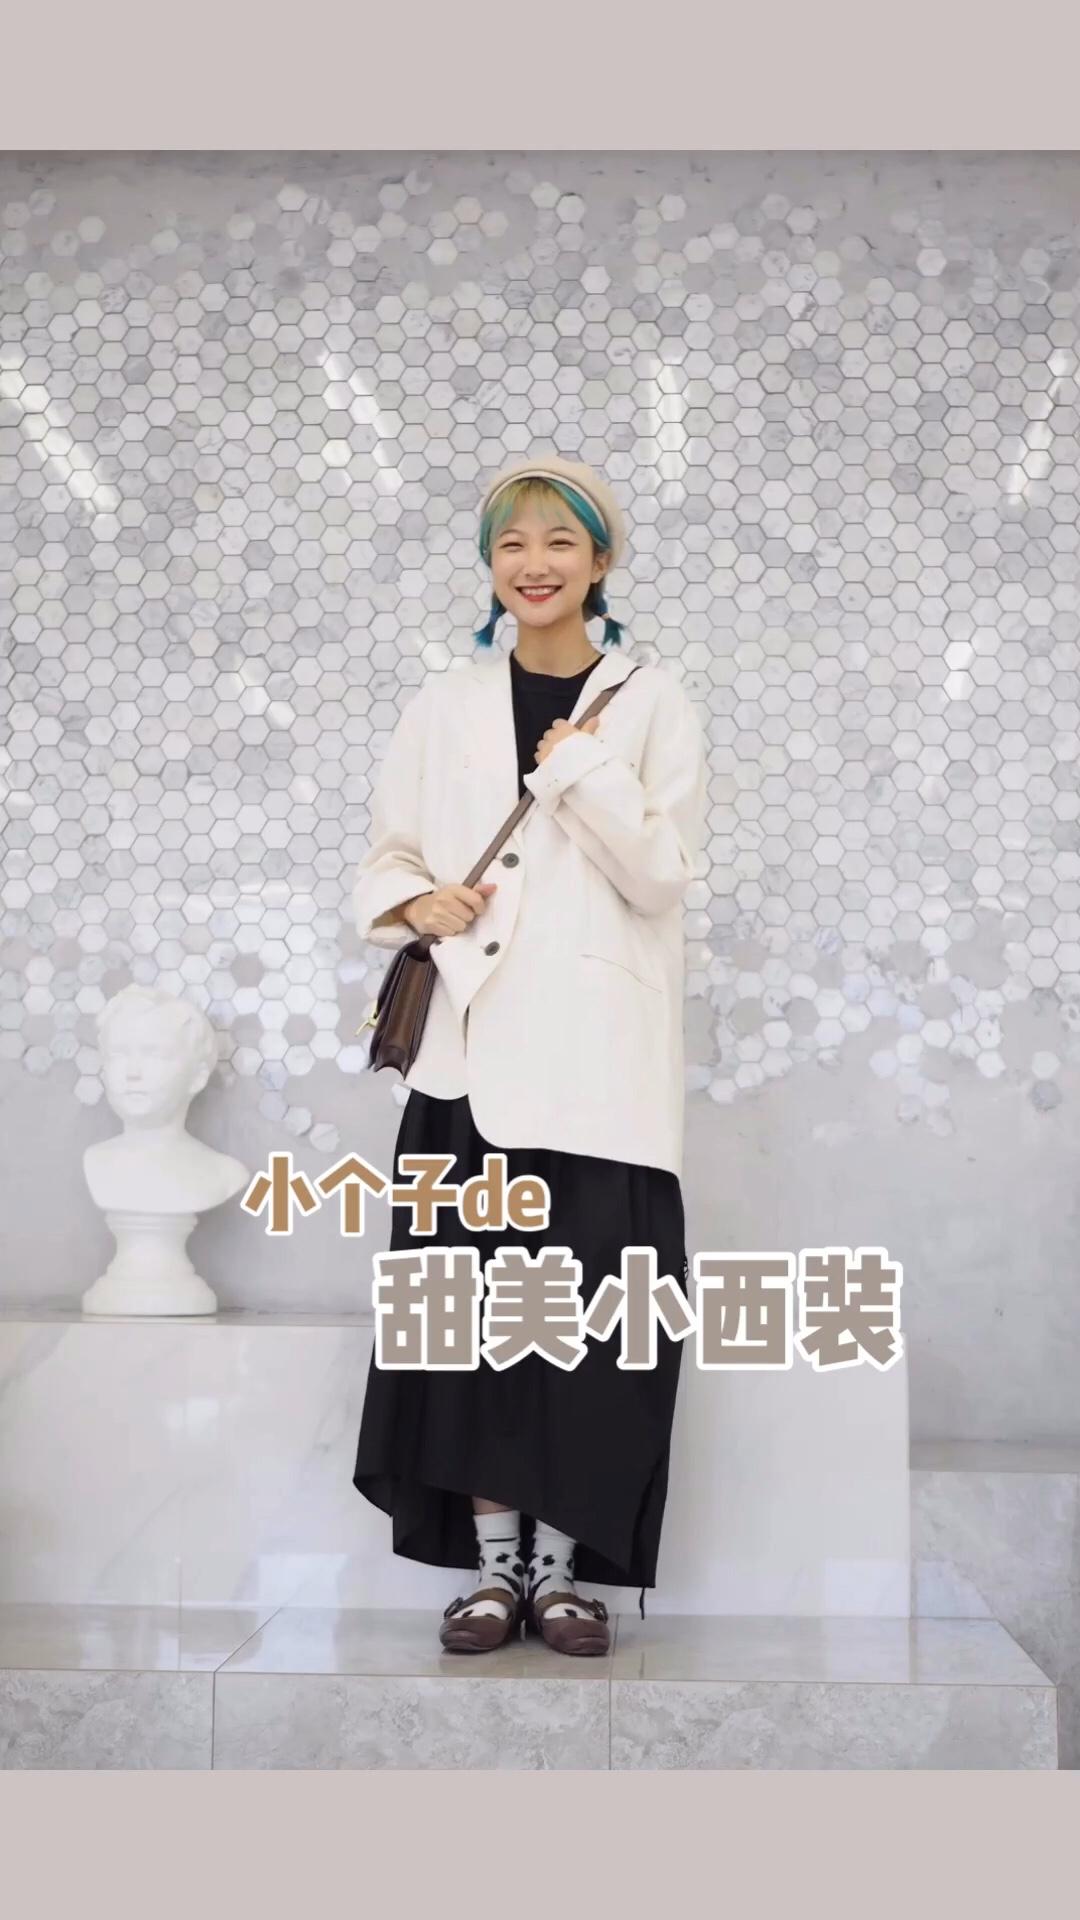 #秋装上新穿搭打卡#早秋怎么穿, 还是比裙子搭配小西装更好看的搭配吗!黑白的经典撞色,好看又合适秋天的温度,搭配一个贝雷帽和一个小包包,好看!